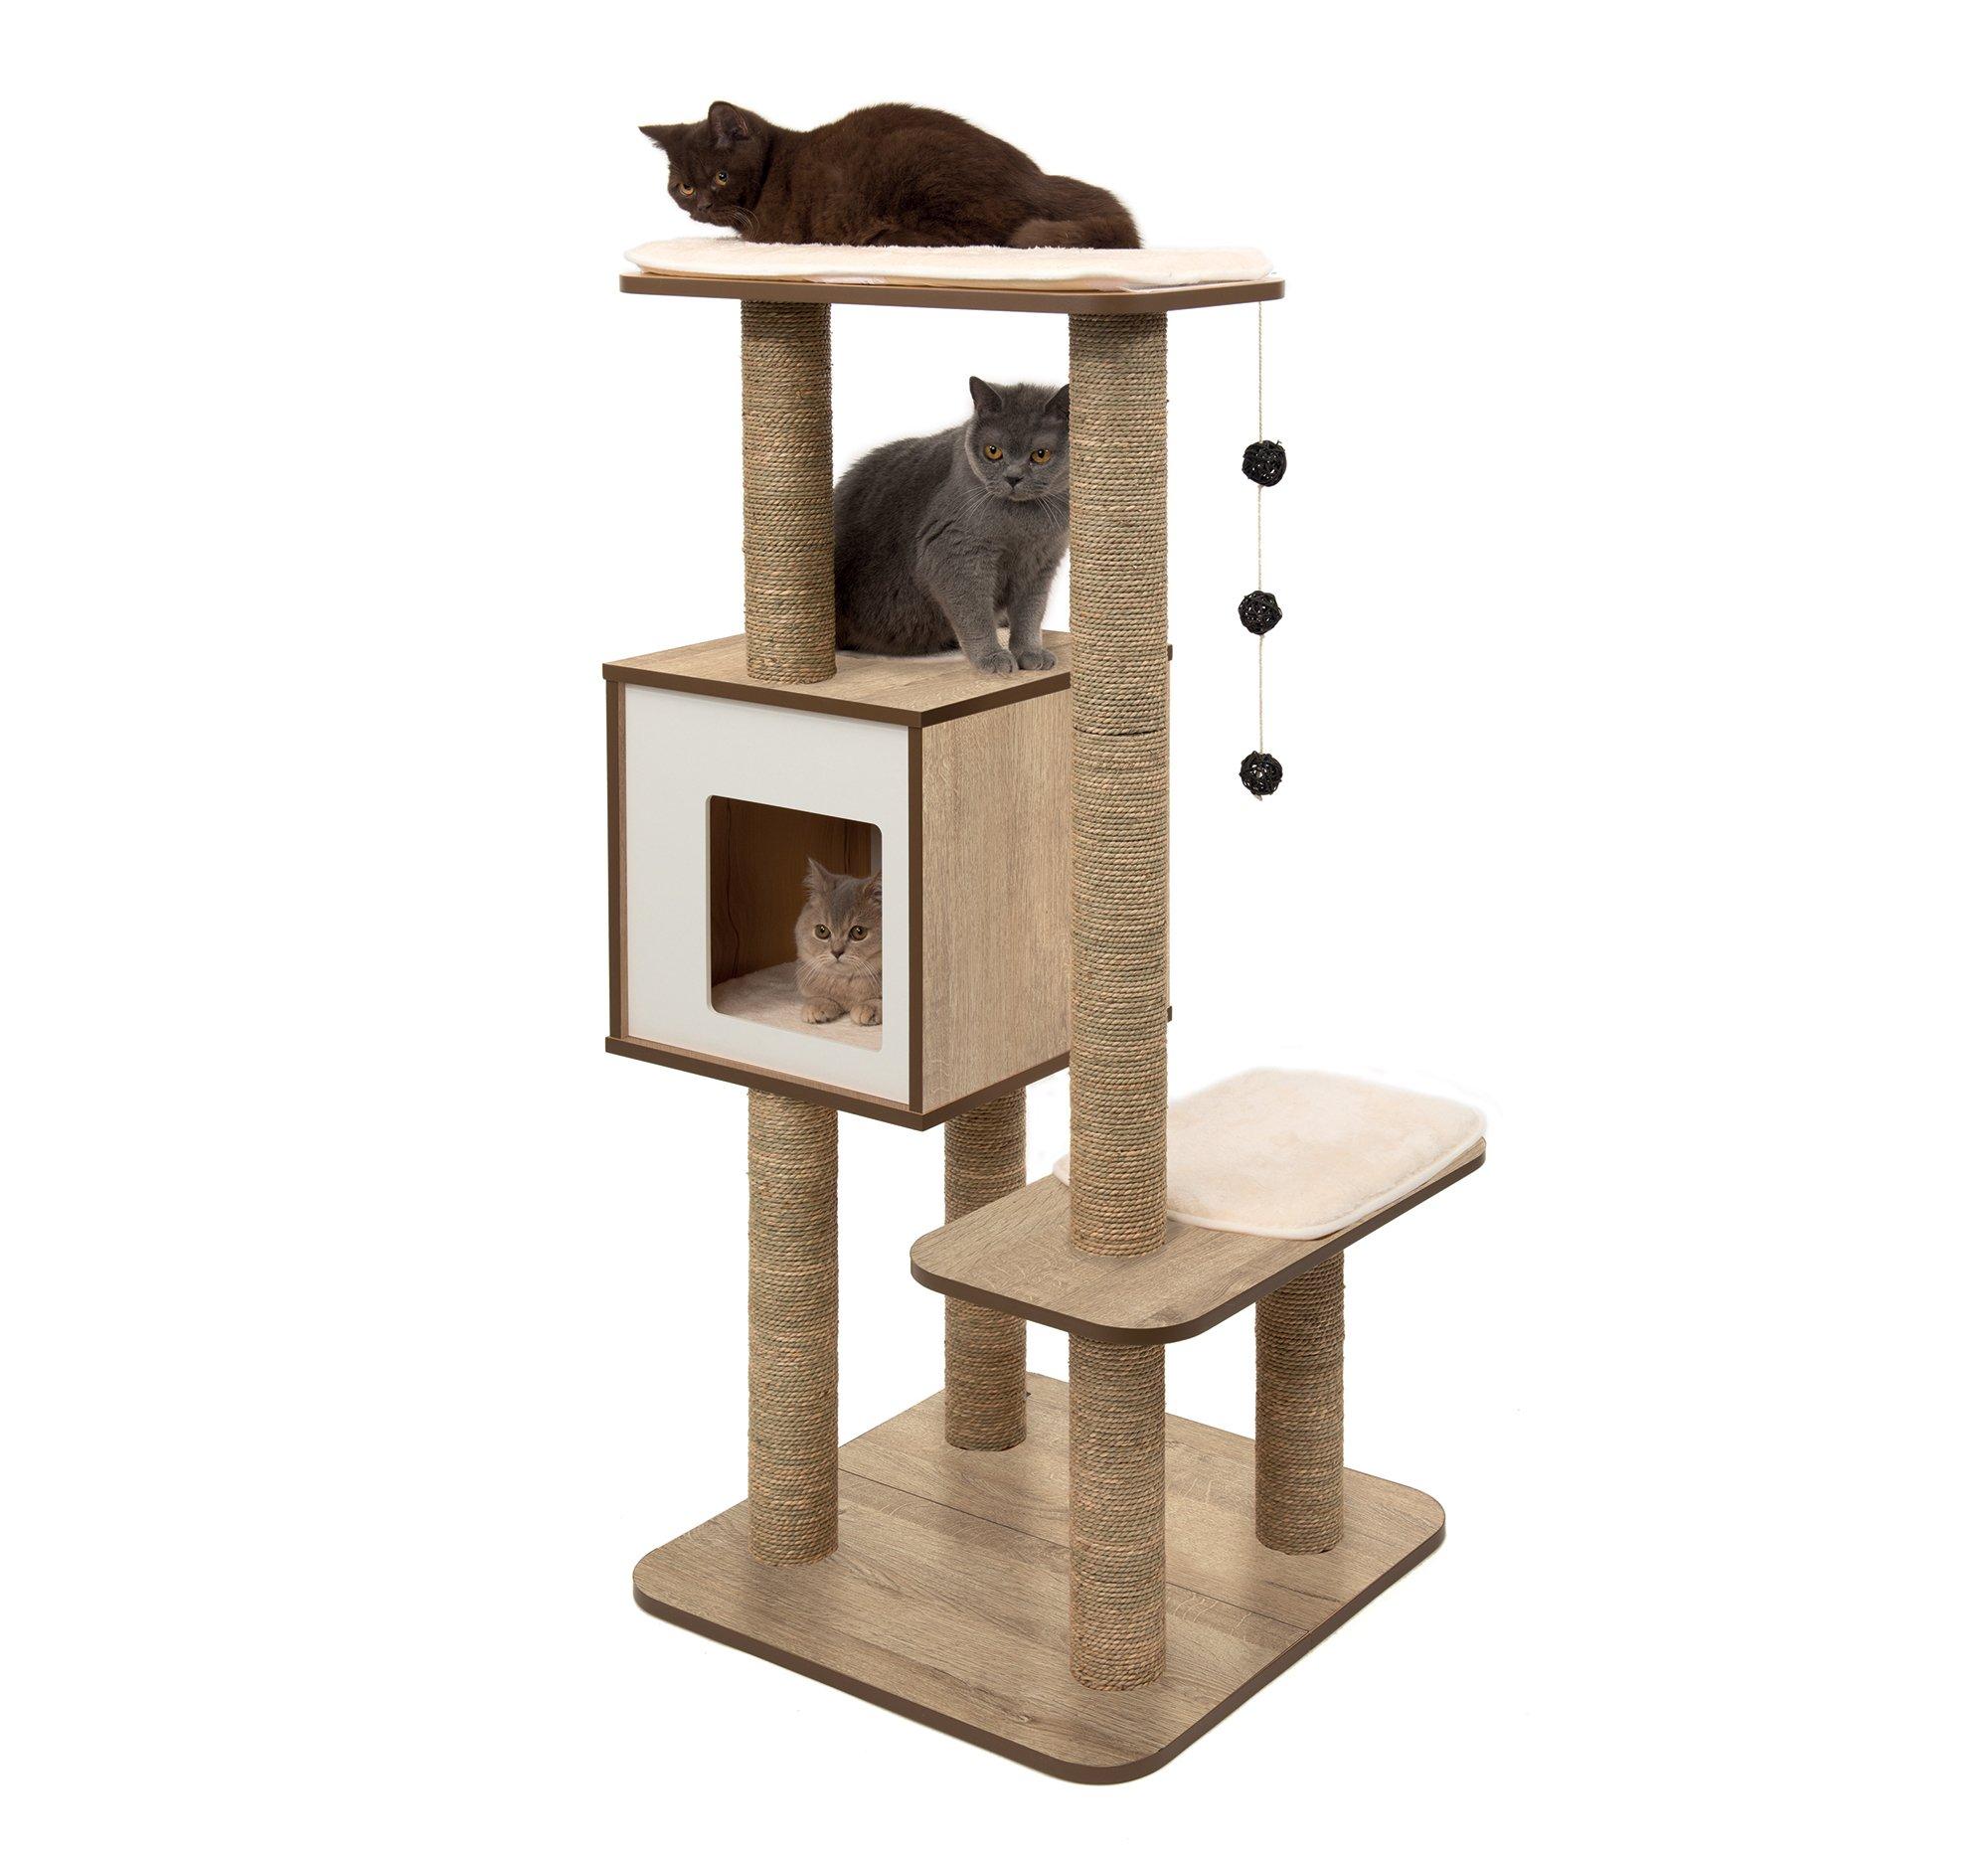 Vesper Cat Tree Scratching Post with Condo - Oak Furniture by Vesper